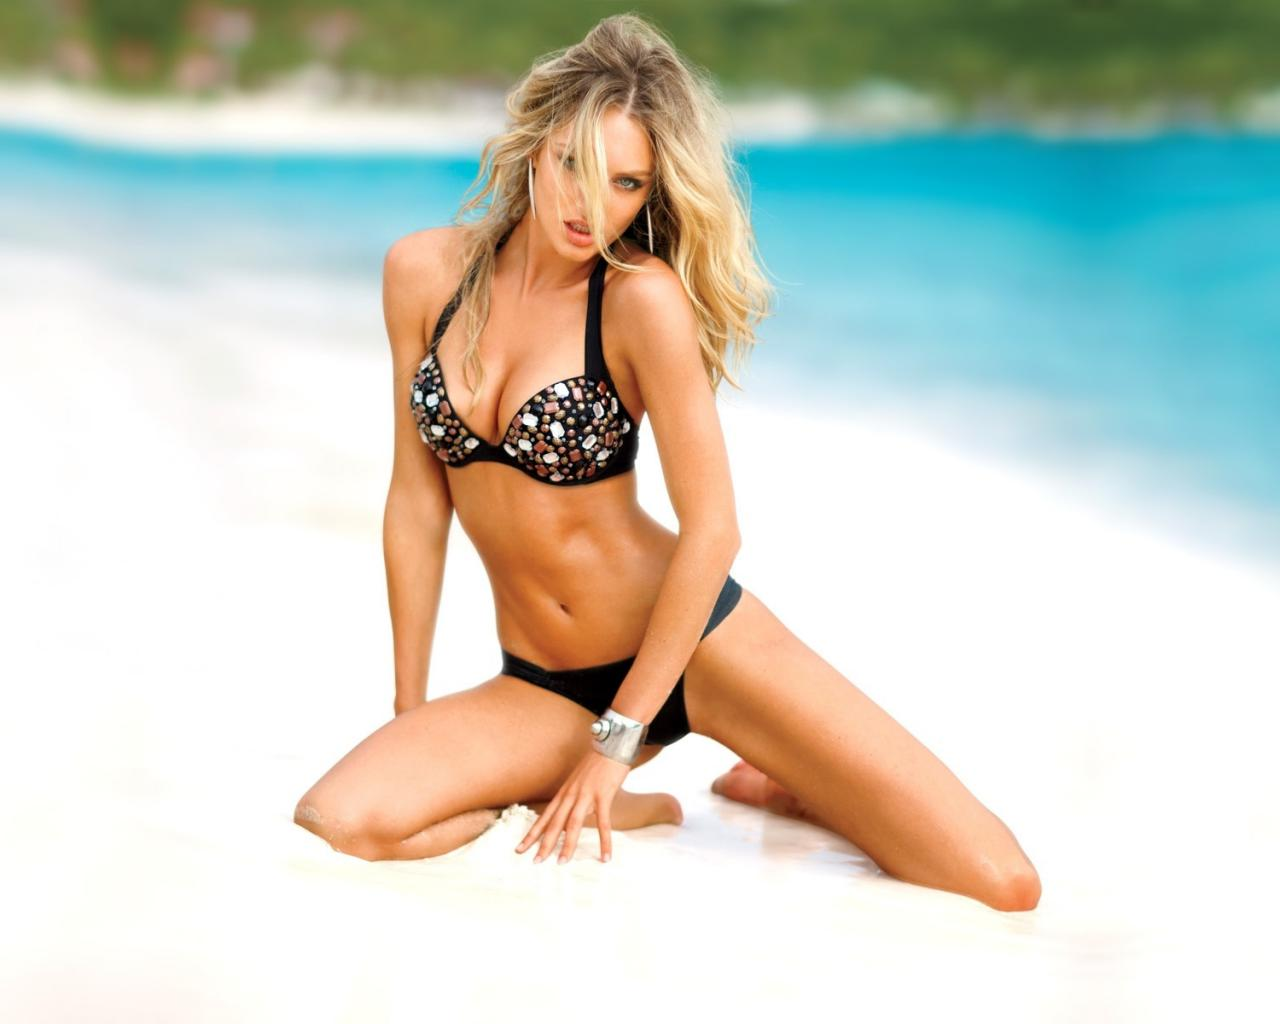 Фото девочек на пляже в купальнике 26 фотография